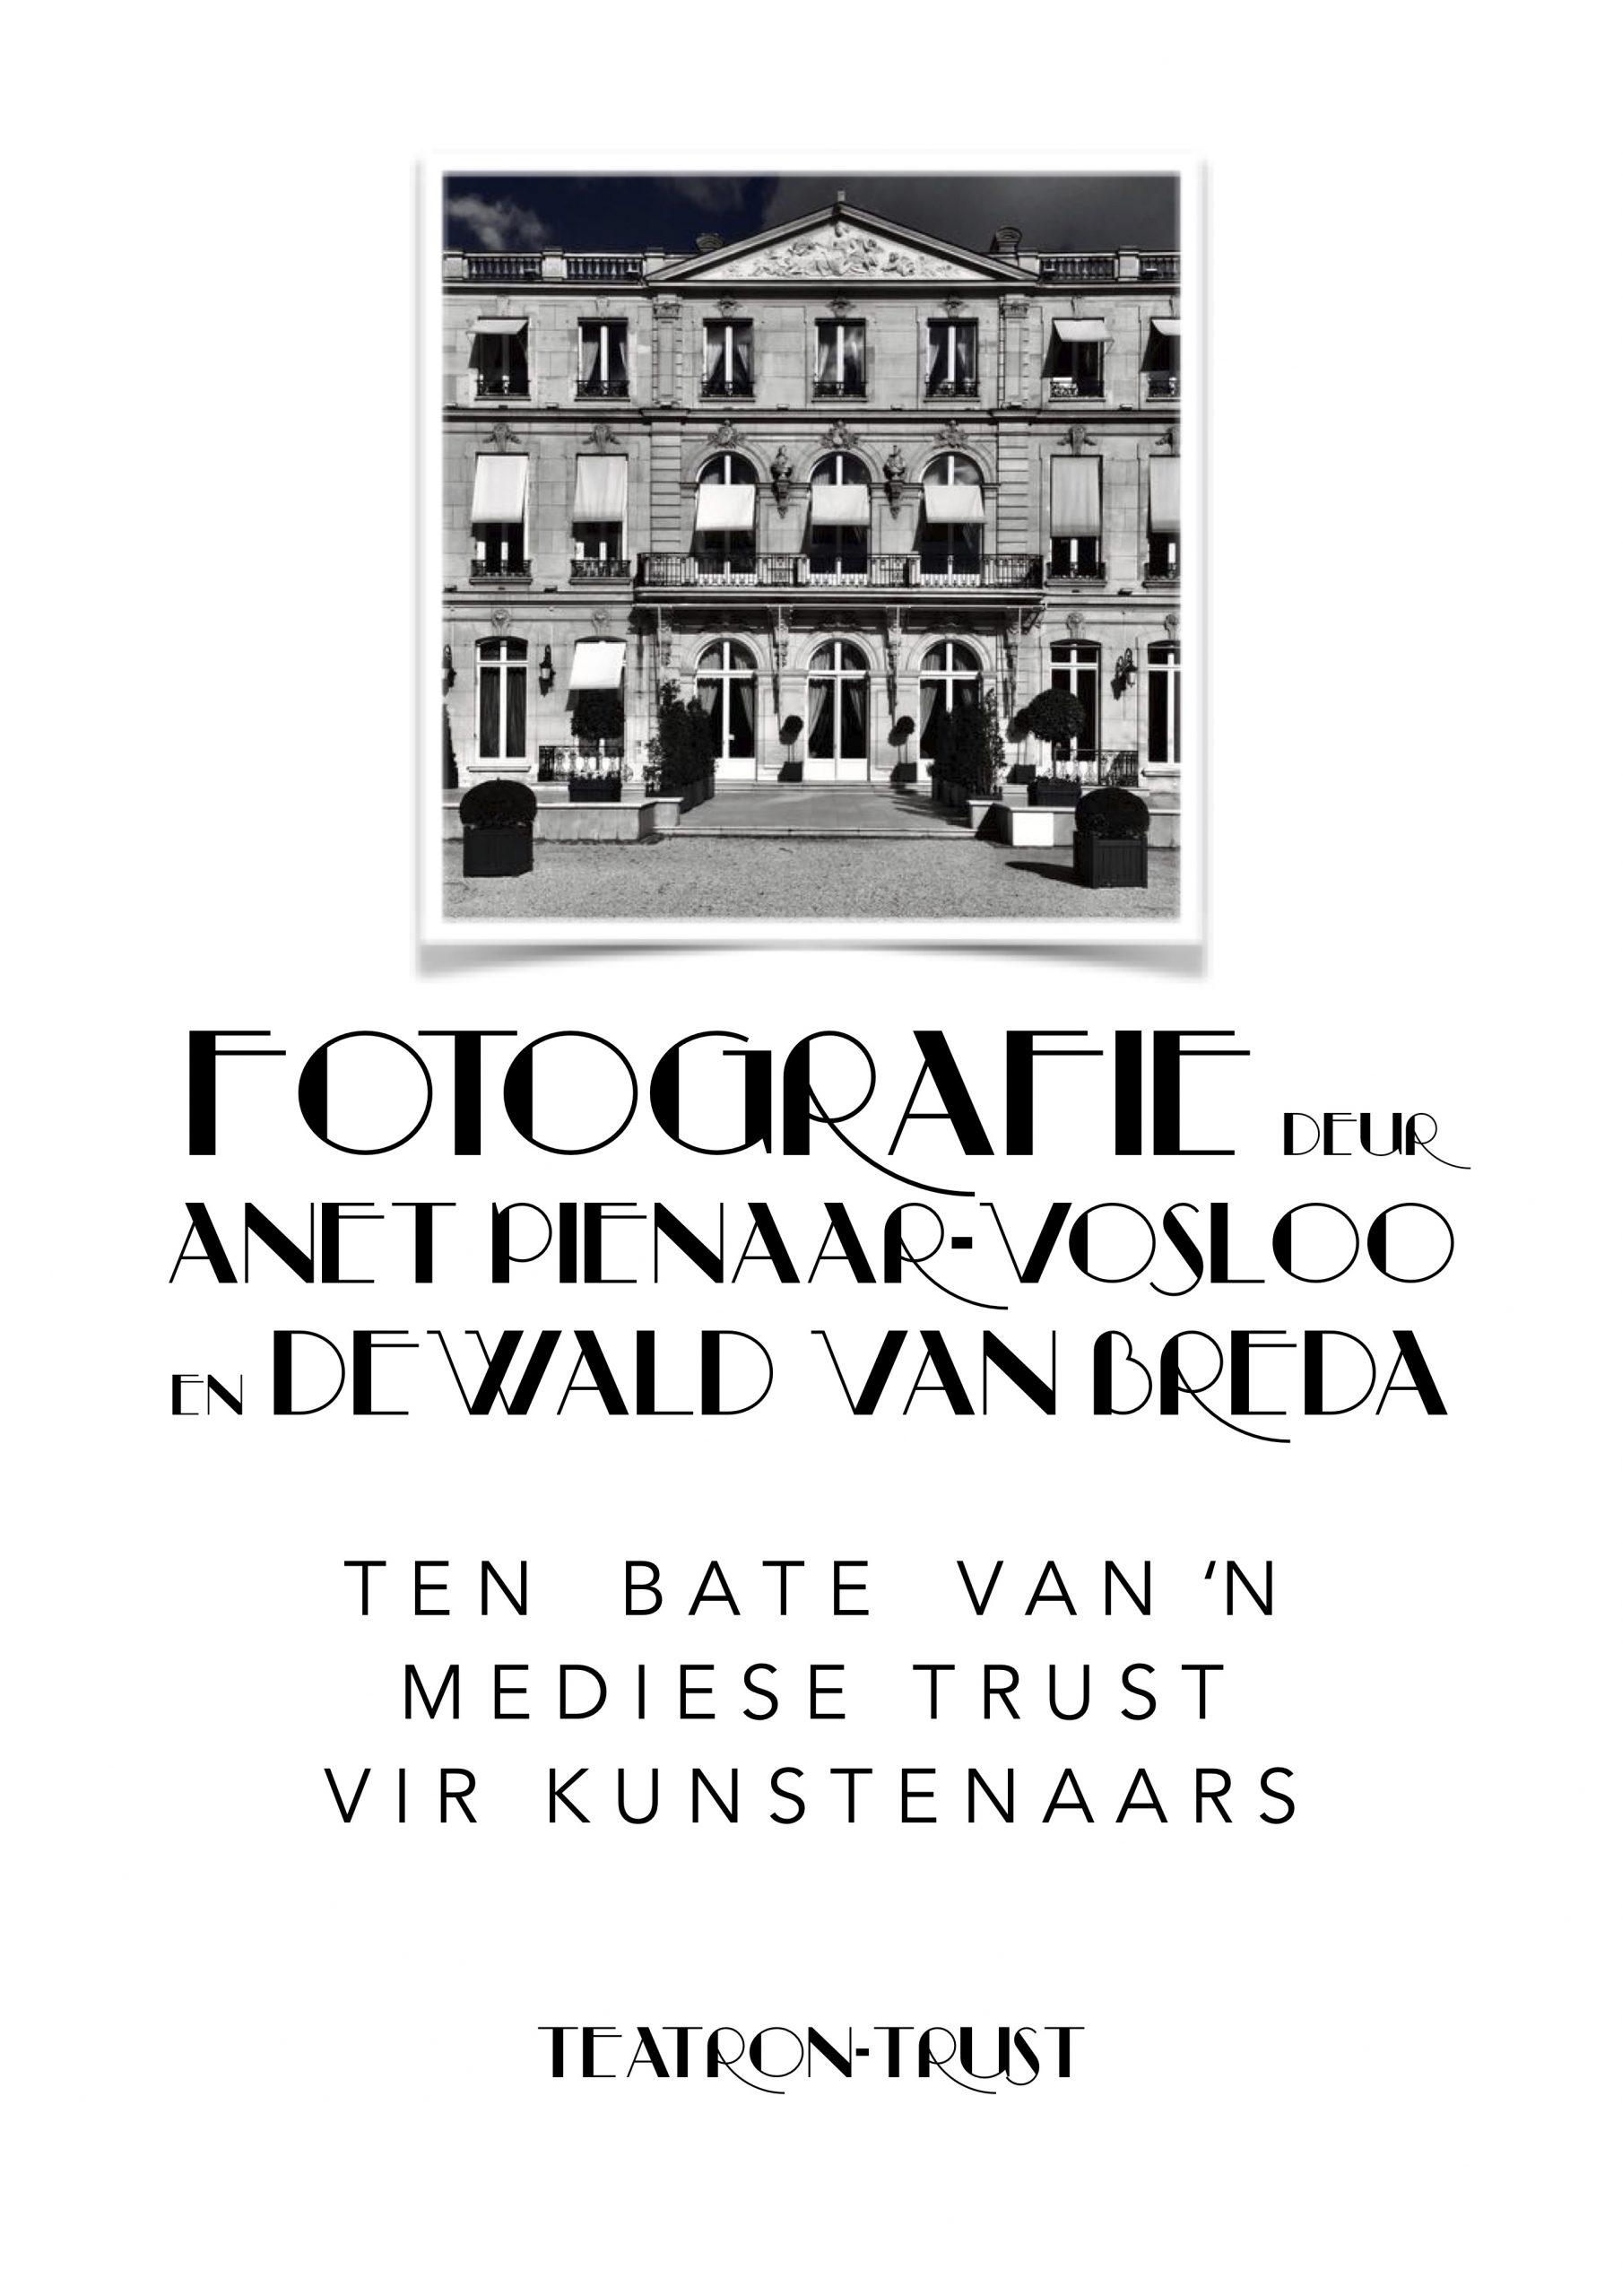 Fotografie deur Anet Pienaar-Vosloo & Dewald Van Breda